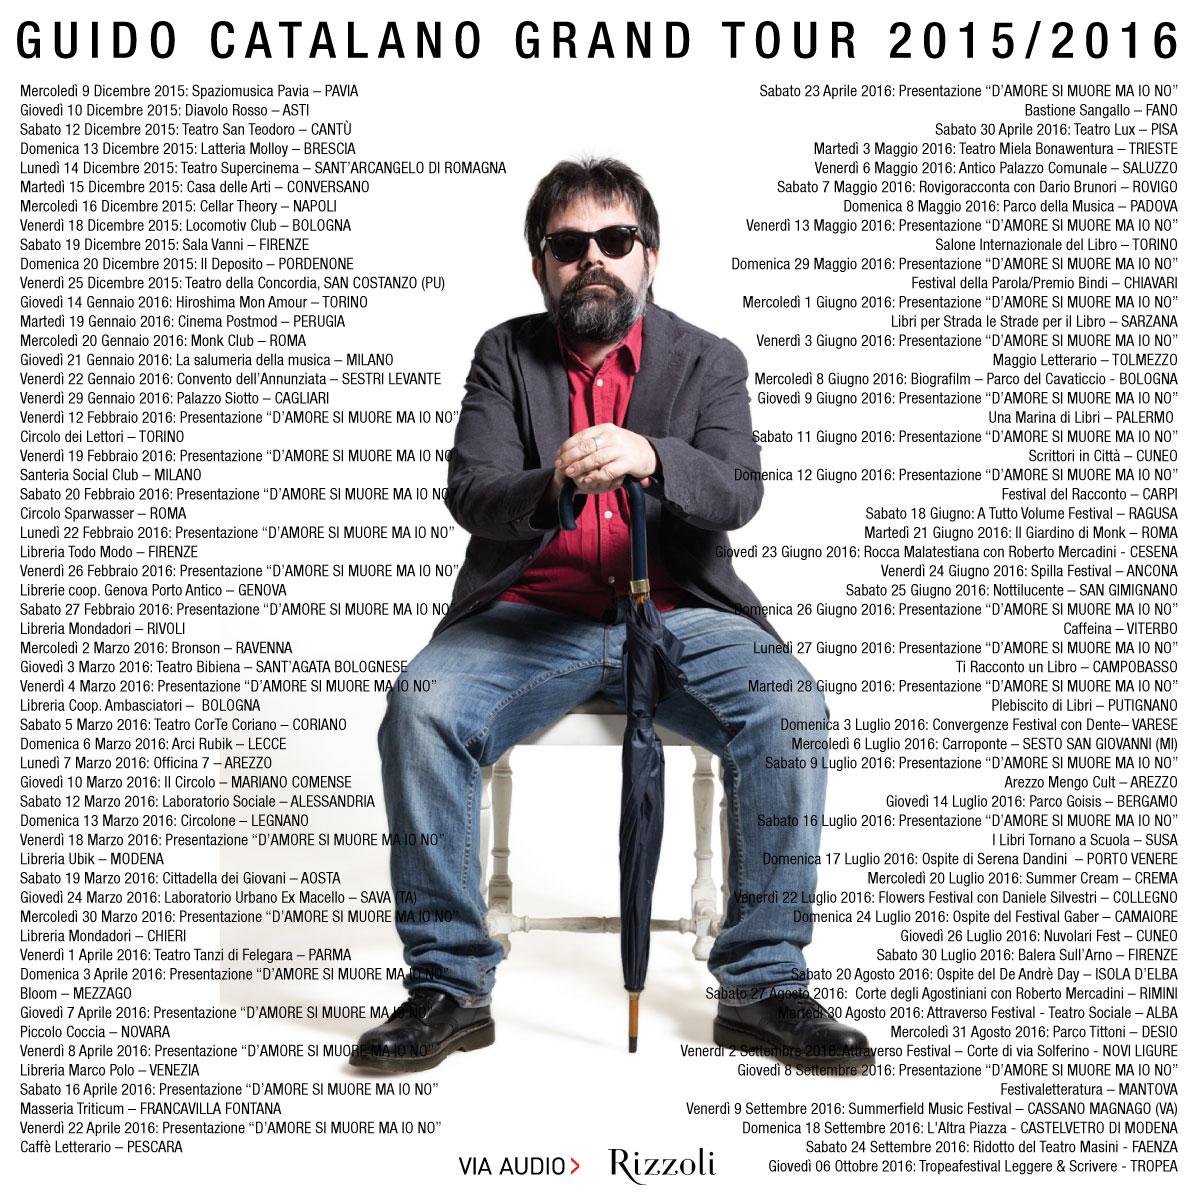 guido-catalano-tutte-le-date